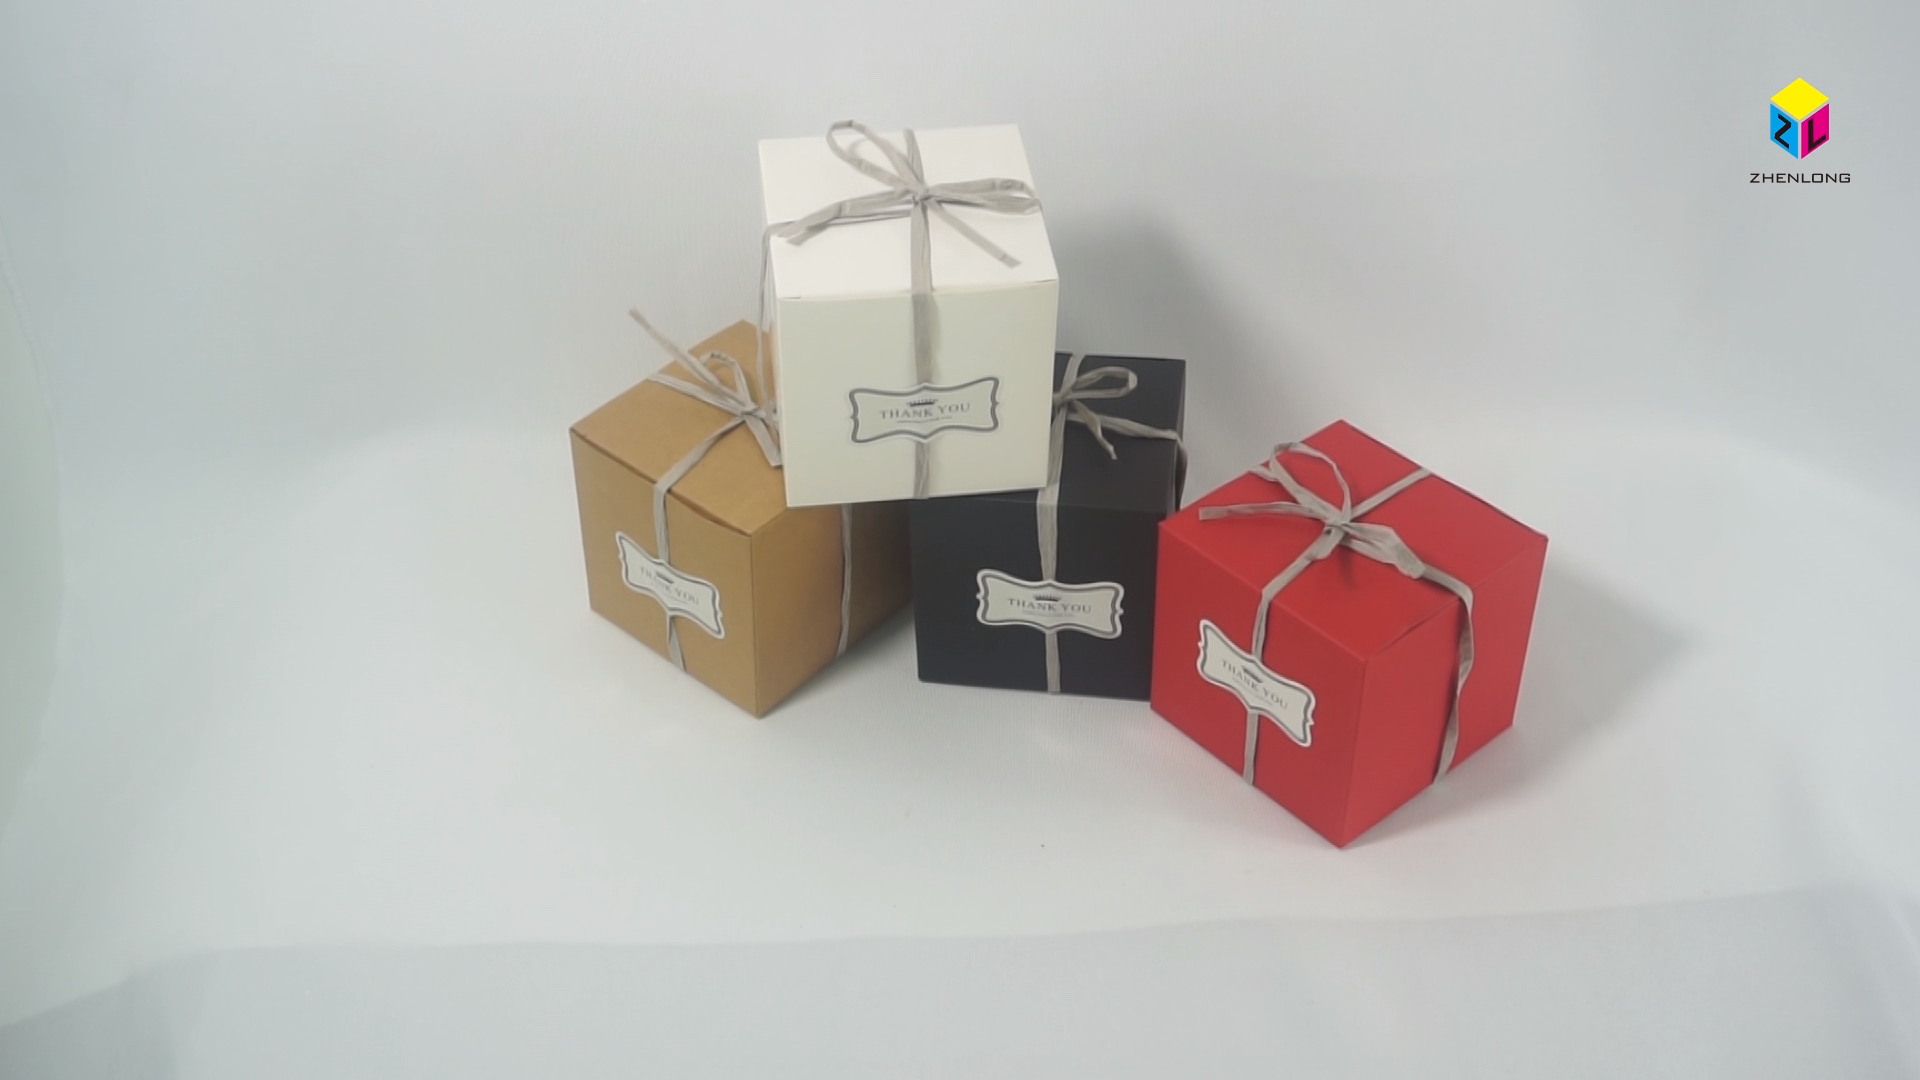 ZL özel baskı kağıdı gıda nedime düğün çerez çikolata noel boş karton Surpris şeker hediye kurdelalı kutu